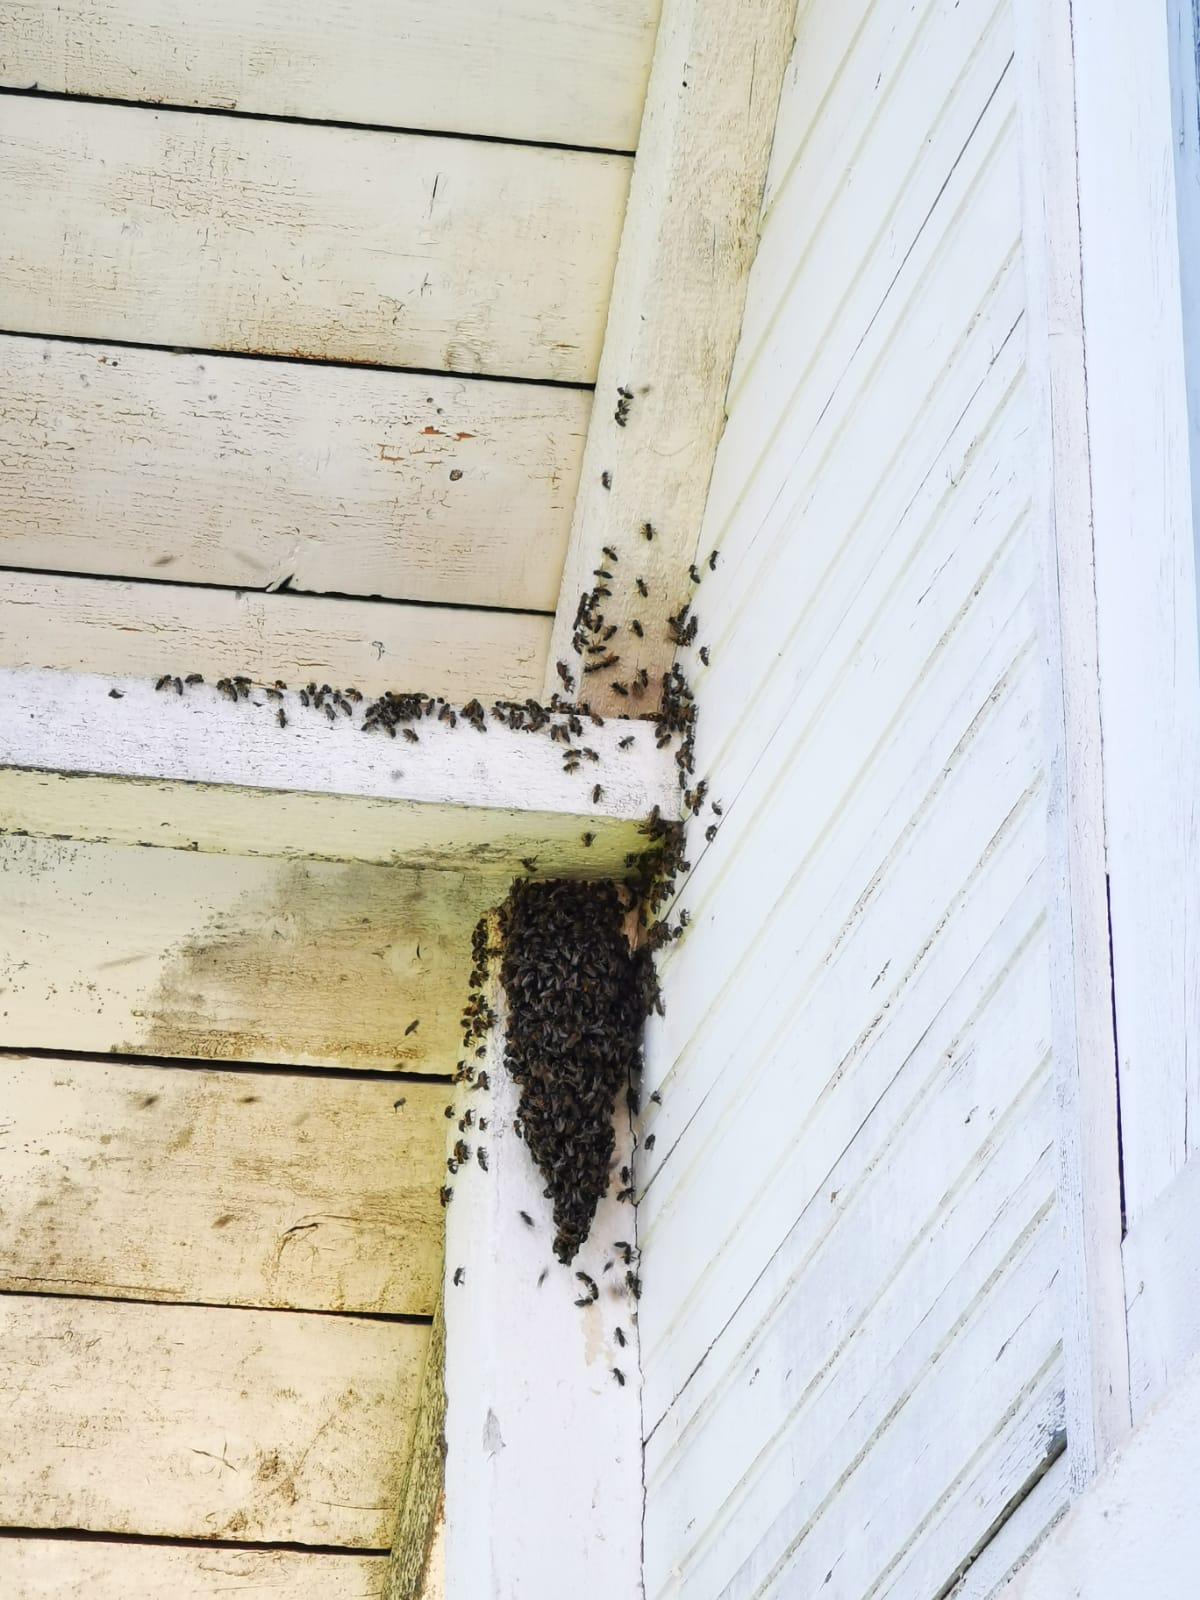 Infestarea cu viespi